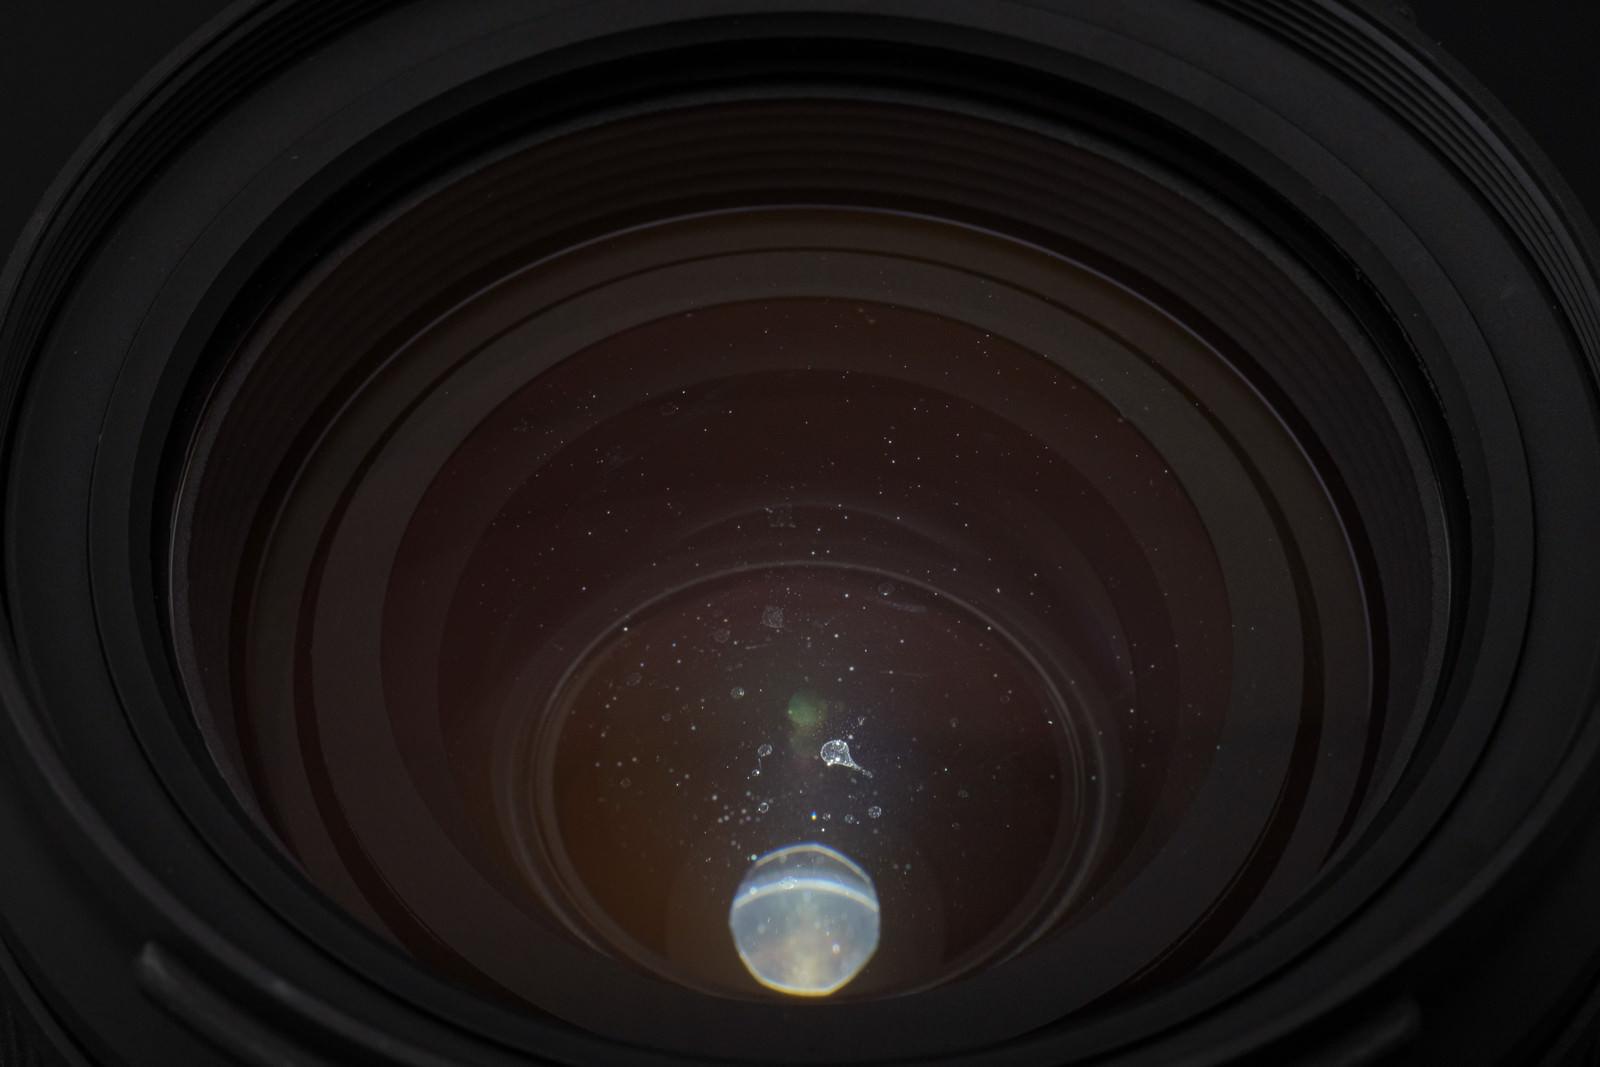 「レンズ内結露による水滴痕の様子」の写真